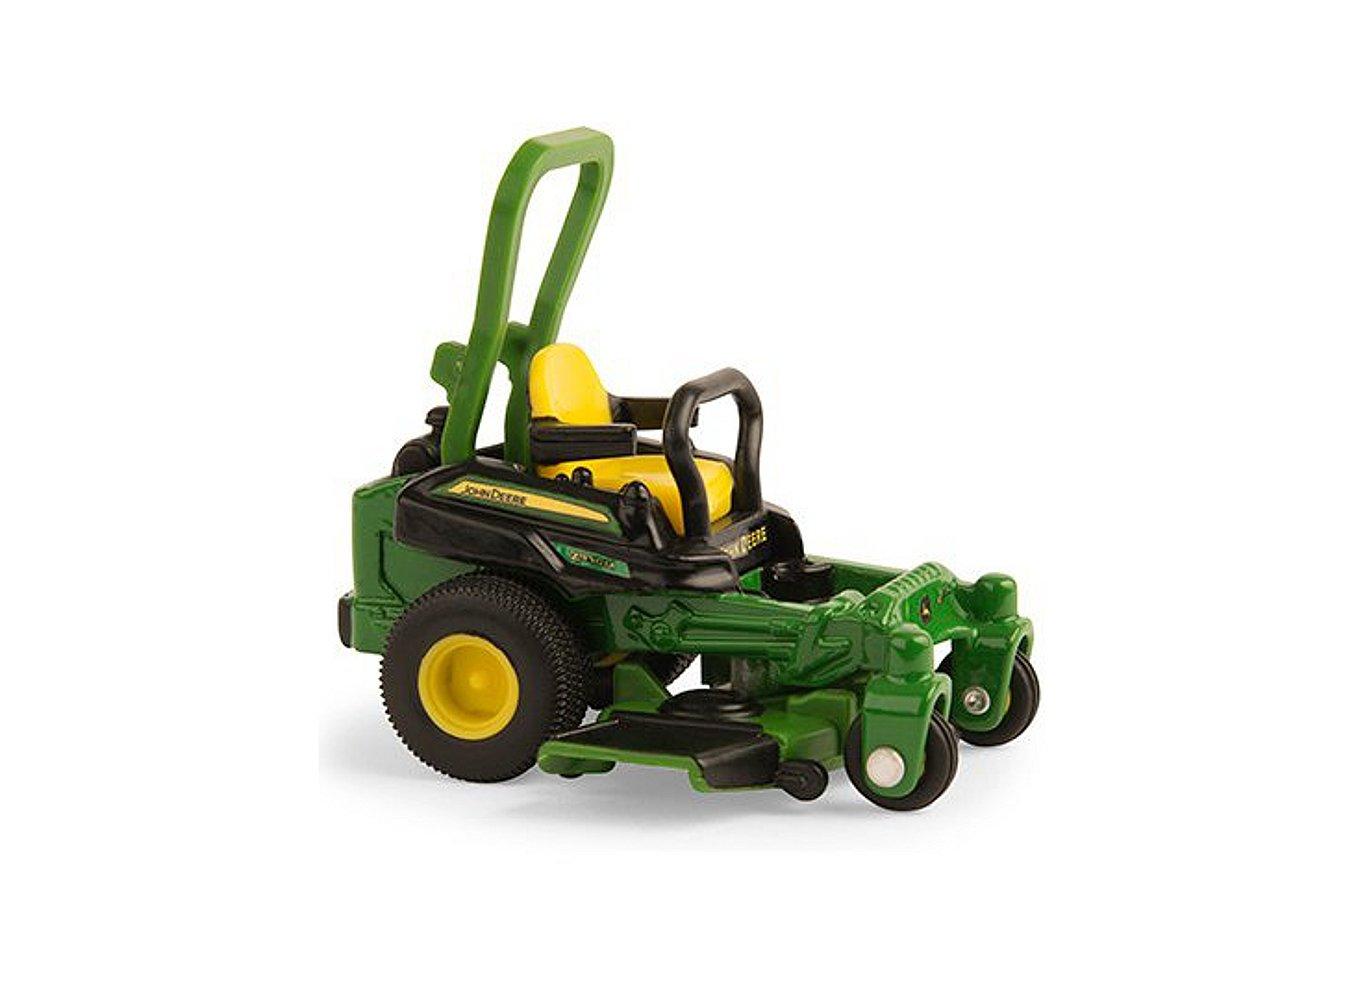 John Deere 1/32 Scale Z930M Zero Turn Lawn Mower Toy